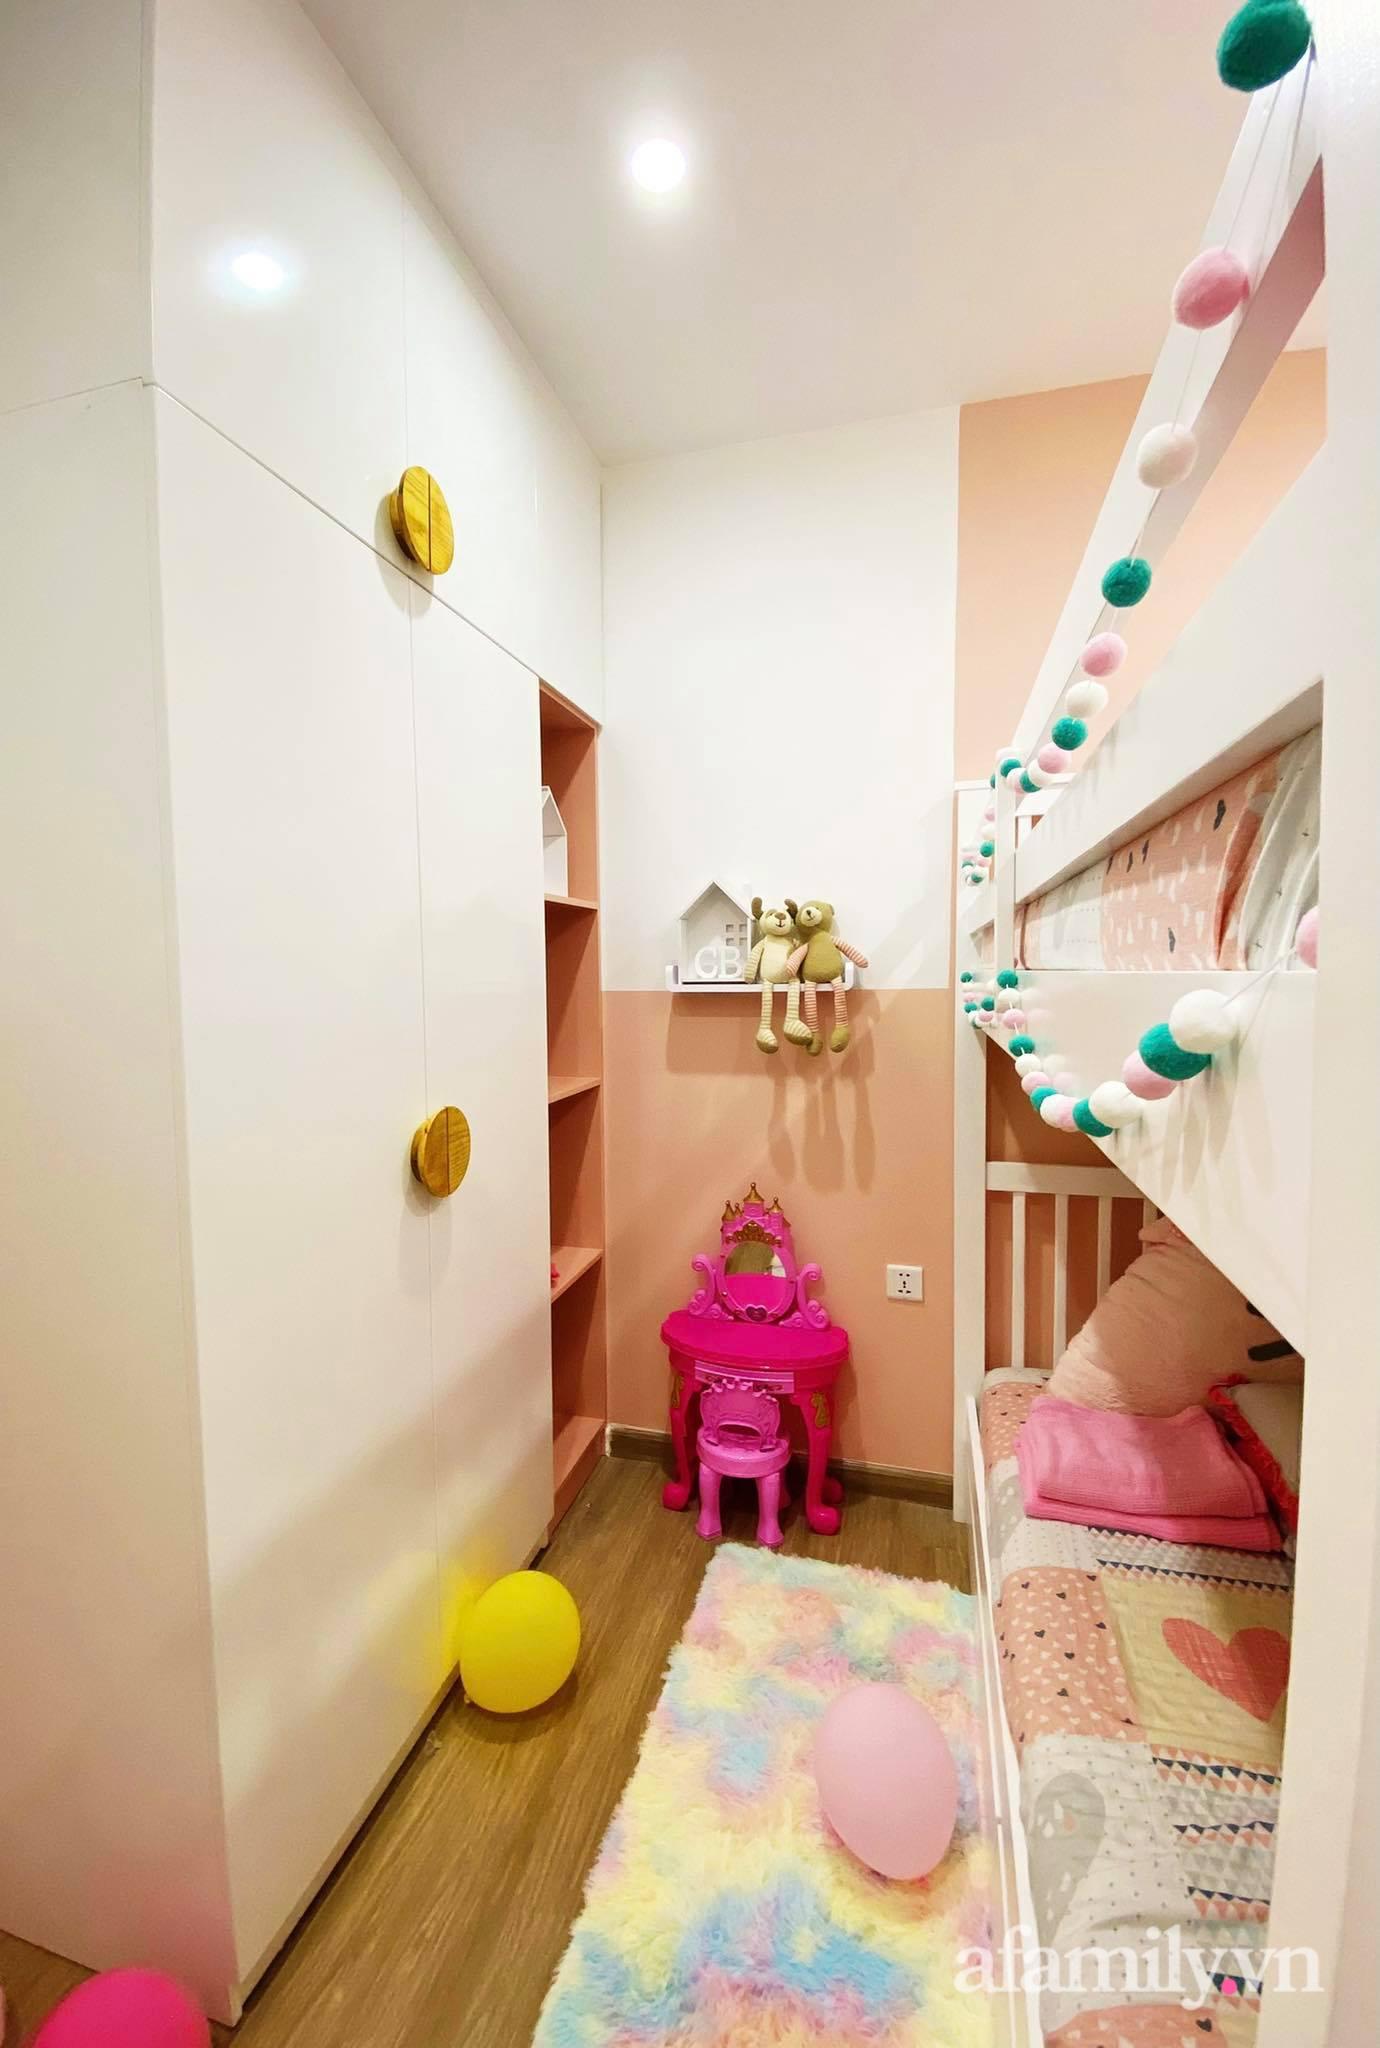 Căn hộ 55m² sang trọng đẳng cấp với phong cách Tân cổ điển có chi phí hoàn thiện nội thất 200 triệu đồng ở Sài Gòn - Ảnh 19.